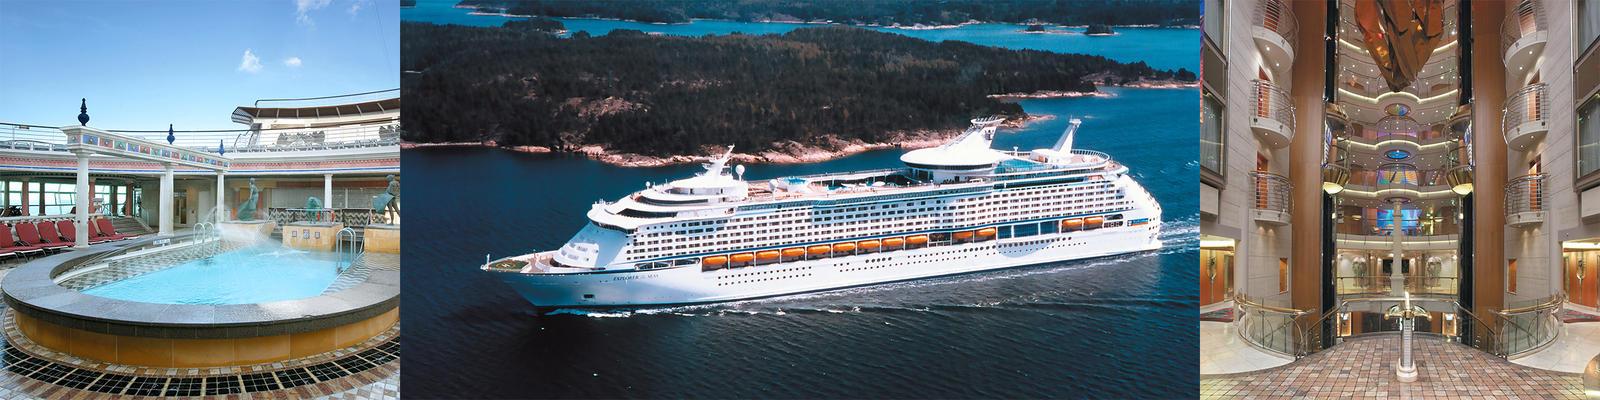 explorer of the seas cruise ship review photos